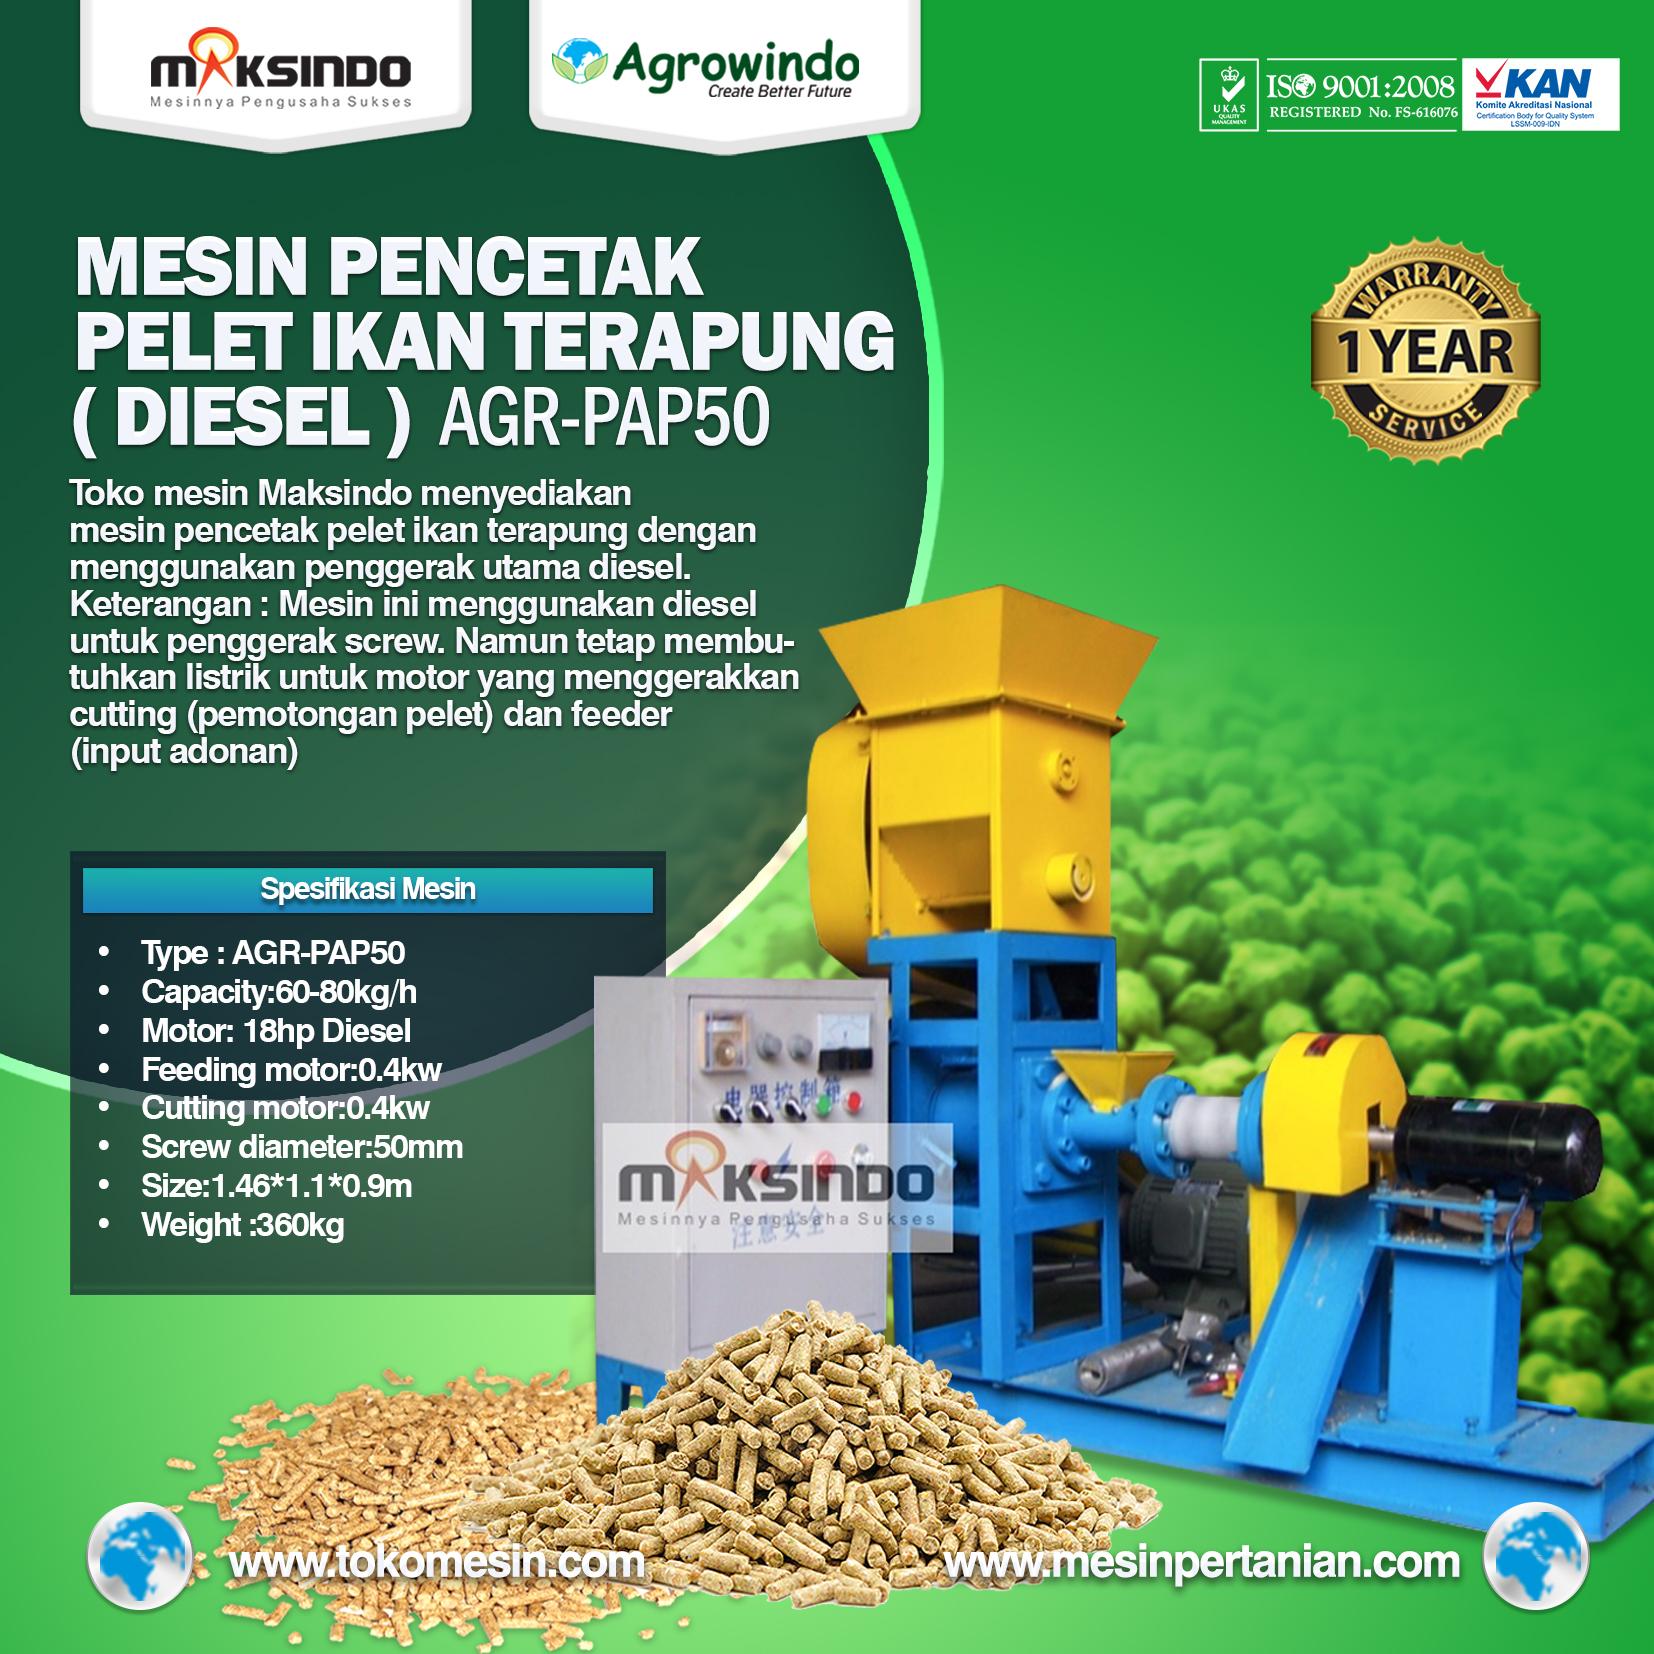 Mesin Pencetak Pelet Ikan Terapung (Diesel) AGR-PAP50